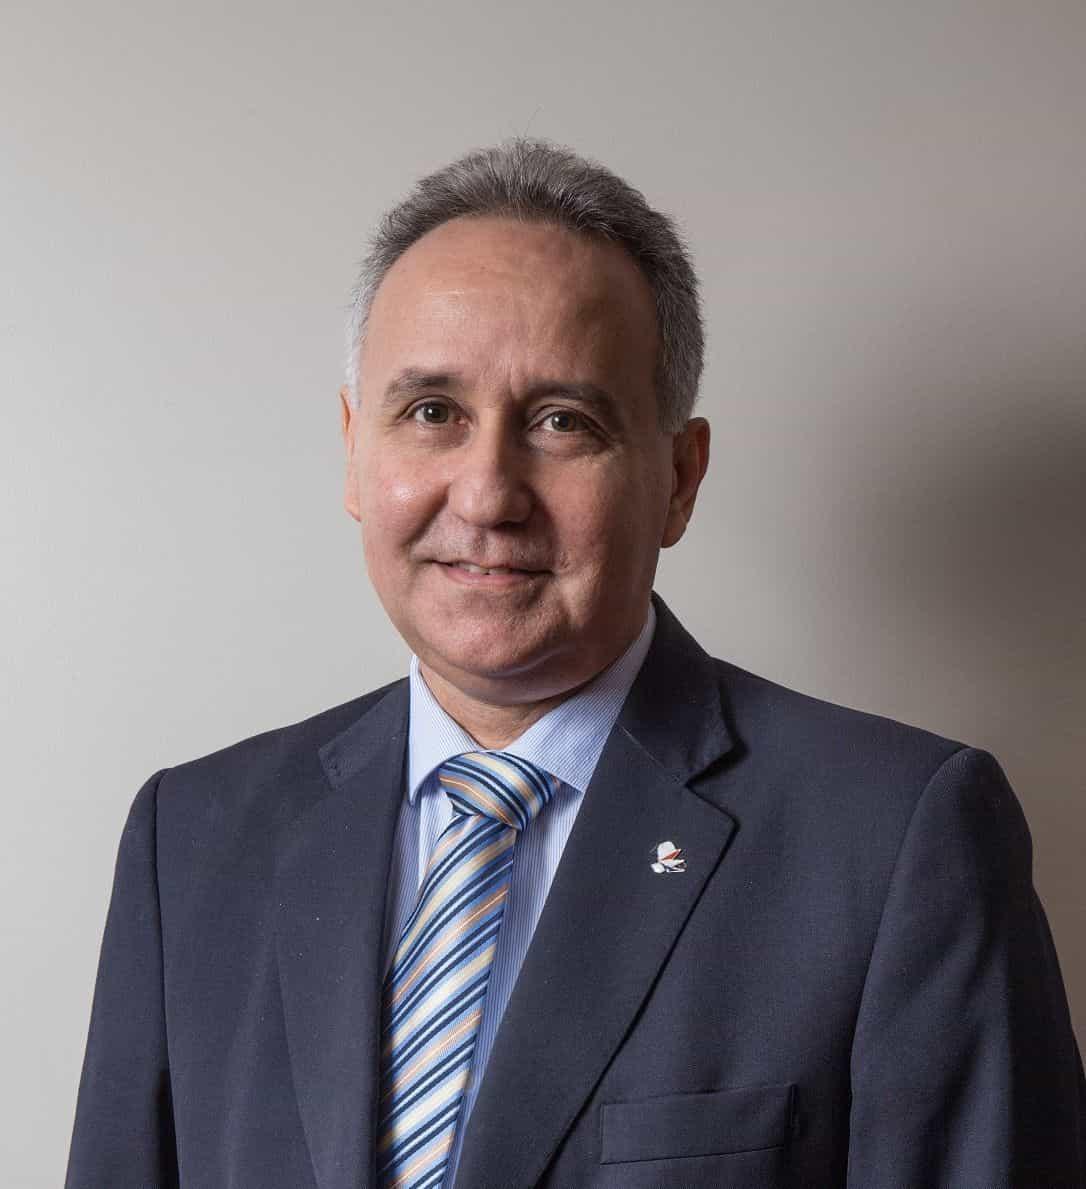 Jorge Luis Schreiner Marengo